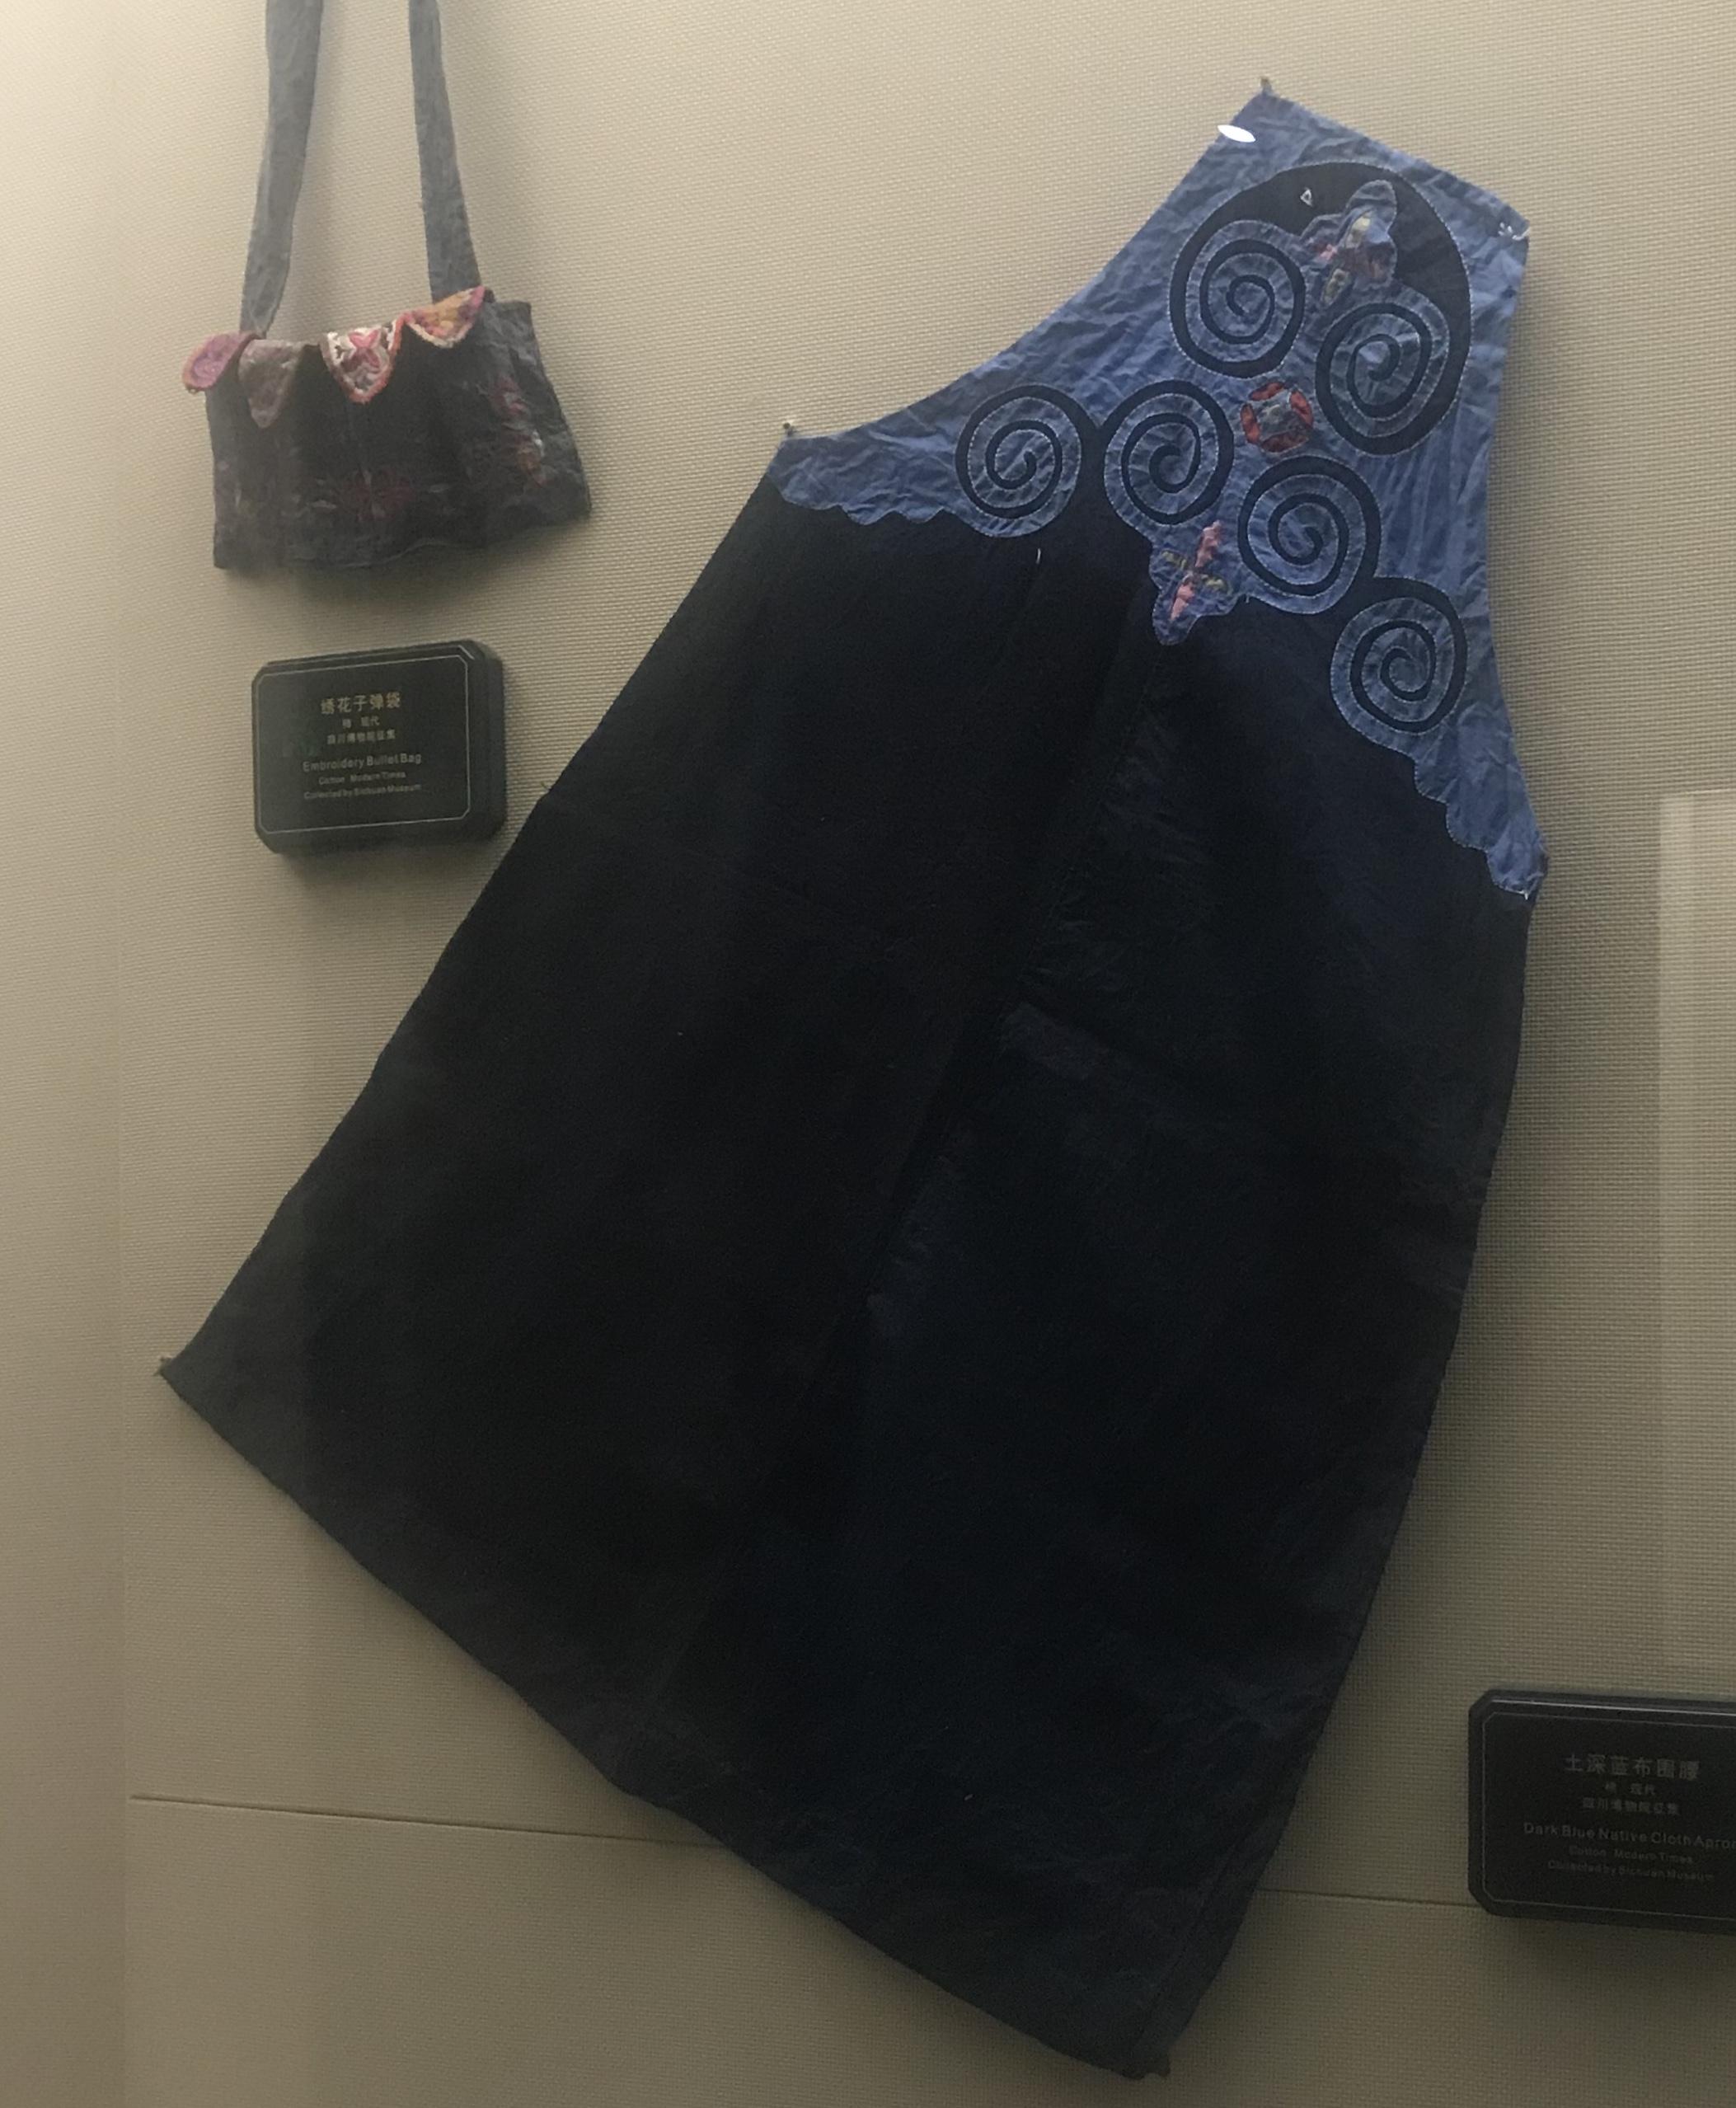 土深藍布ウエスト-チャン族衣装-四川民族文物館-四川博物館-成都